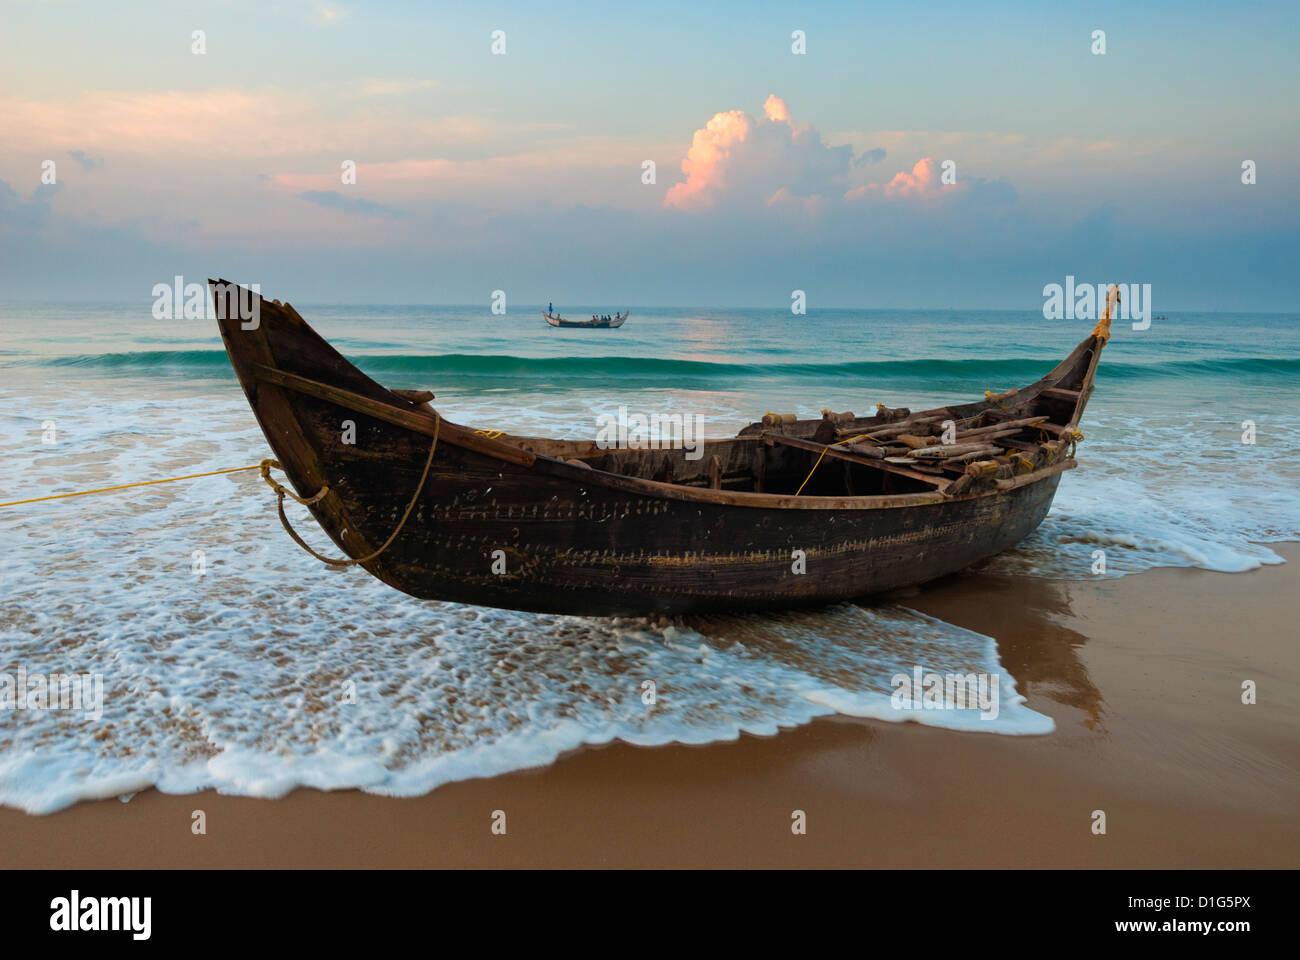 Bateau de pêche traditionnel sur la ligne de marée, Chowara Beach, près de Kovalam, Kerala, Inde, Photo Stock